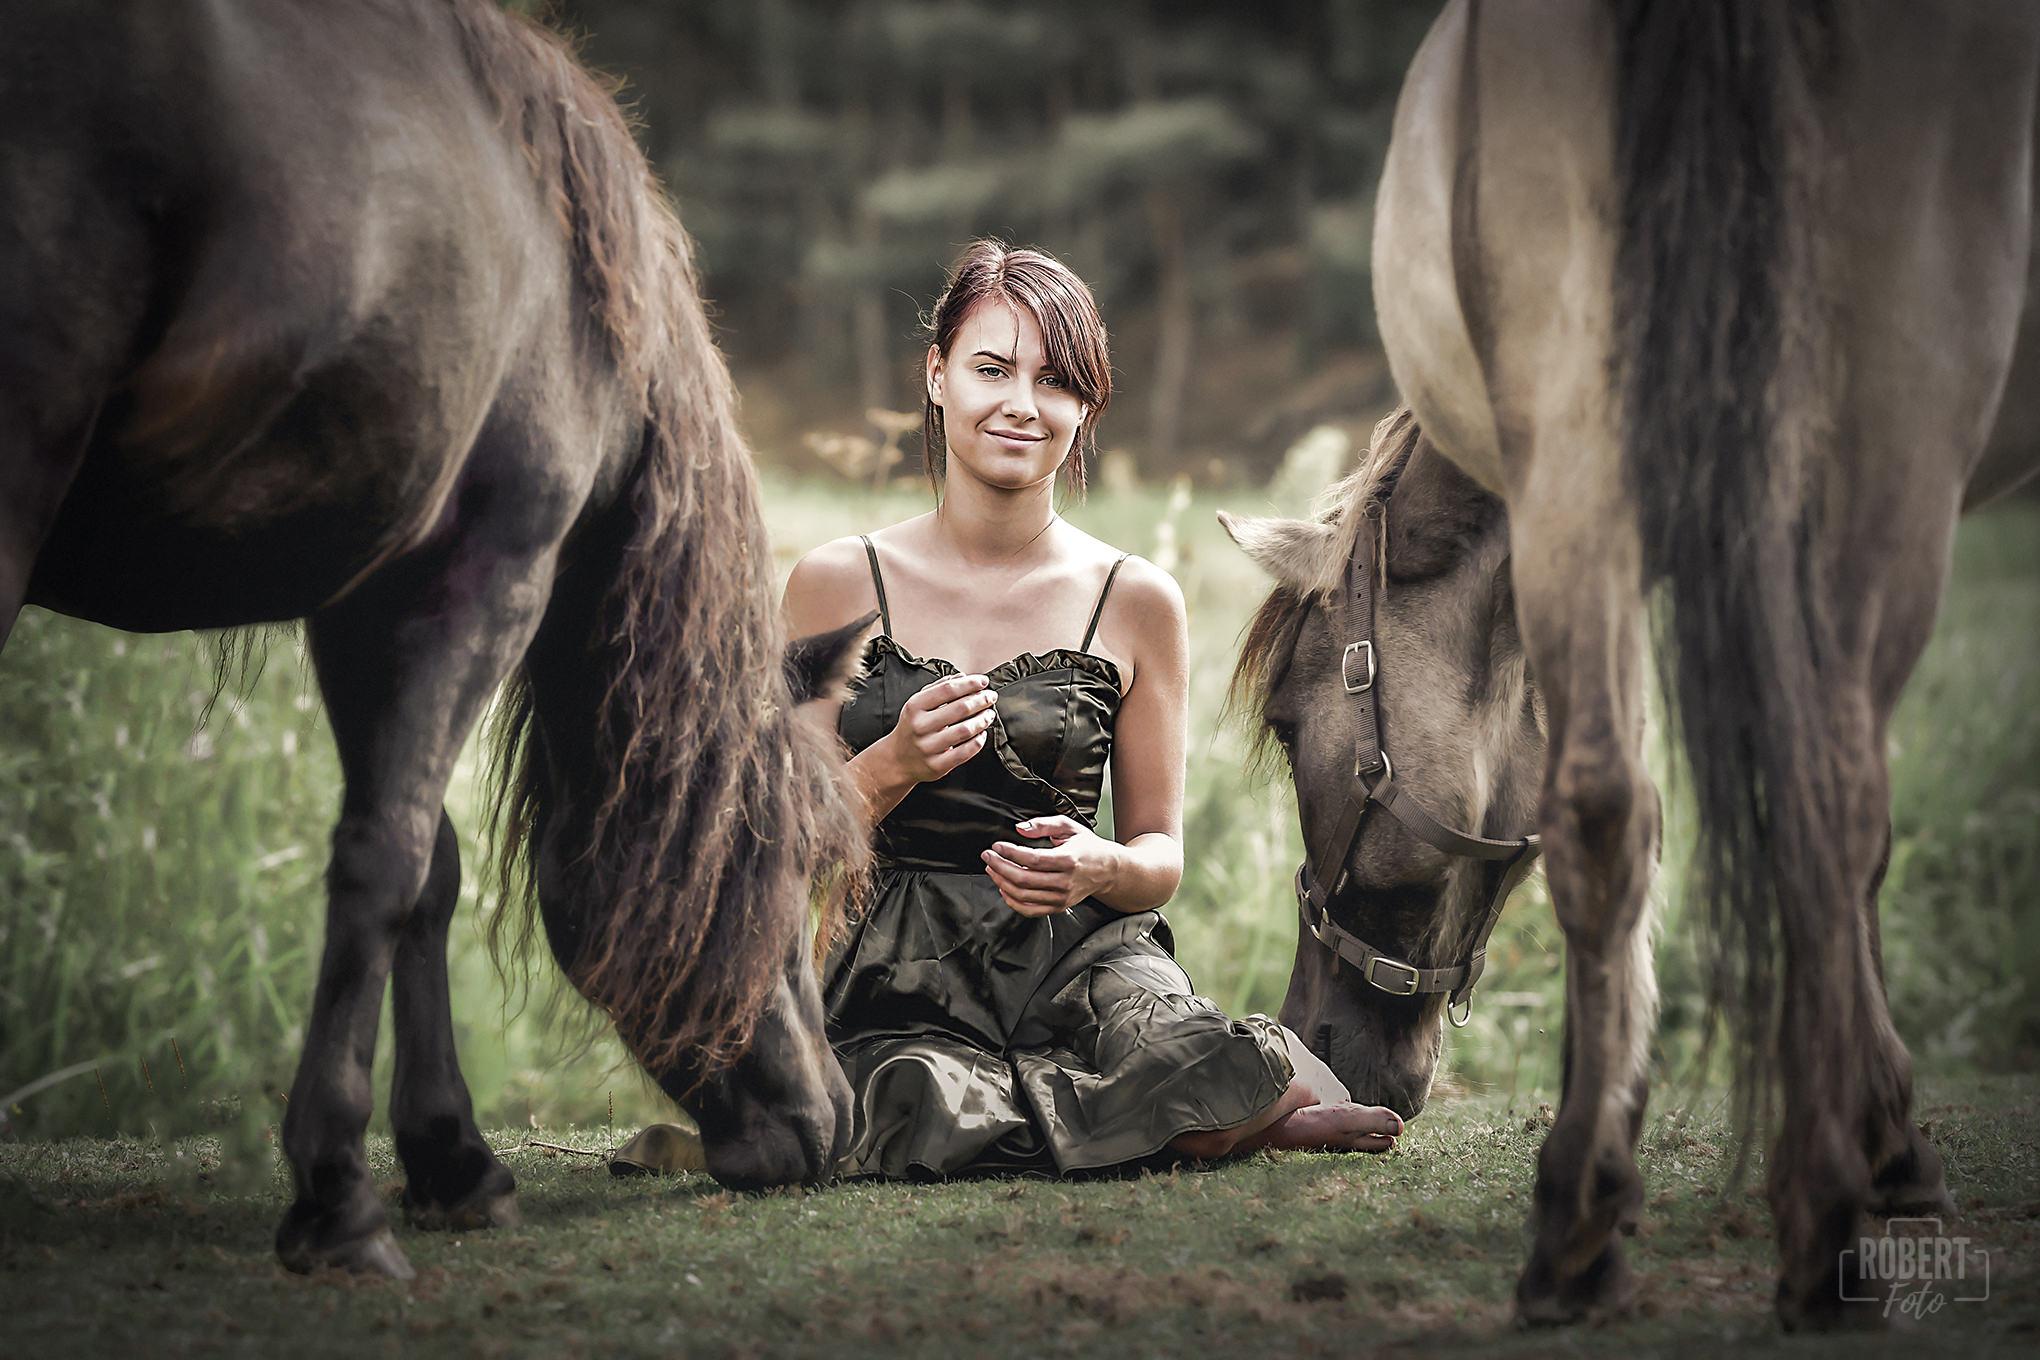 zdjecia z koniem